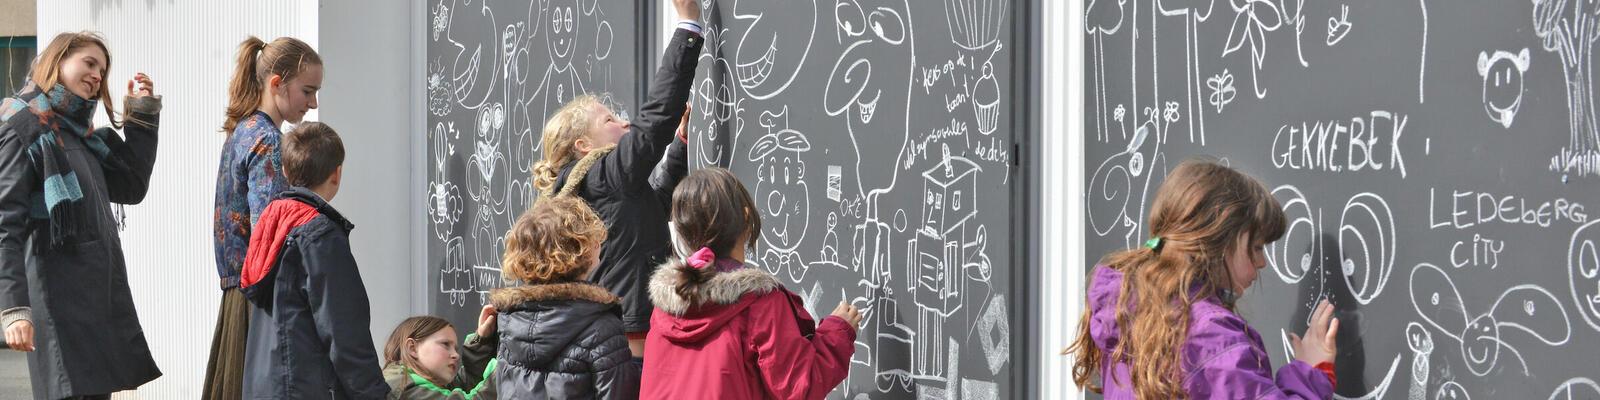 Kinderen in Ledeberg op de hoek van de Driesstraat